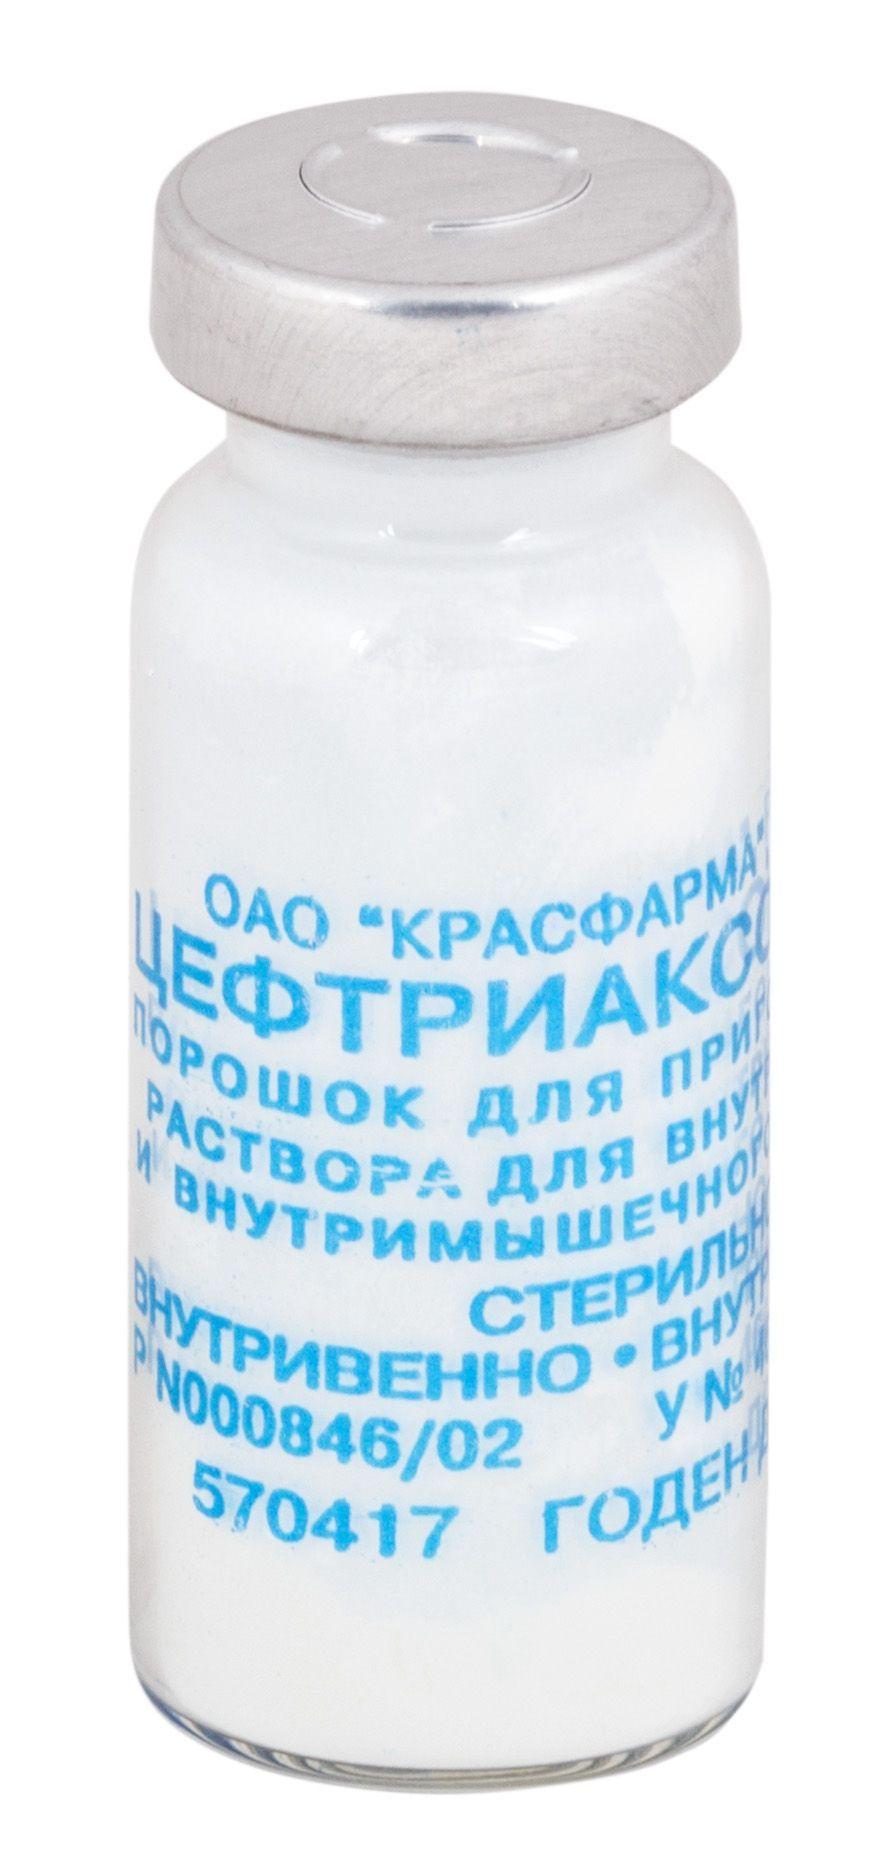 Цефтриаксон, 2 г, порошок для приготовления раствора для инфузий, 1 шт.